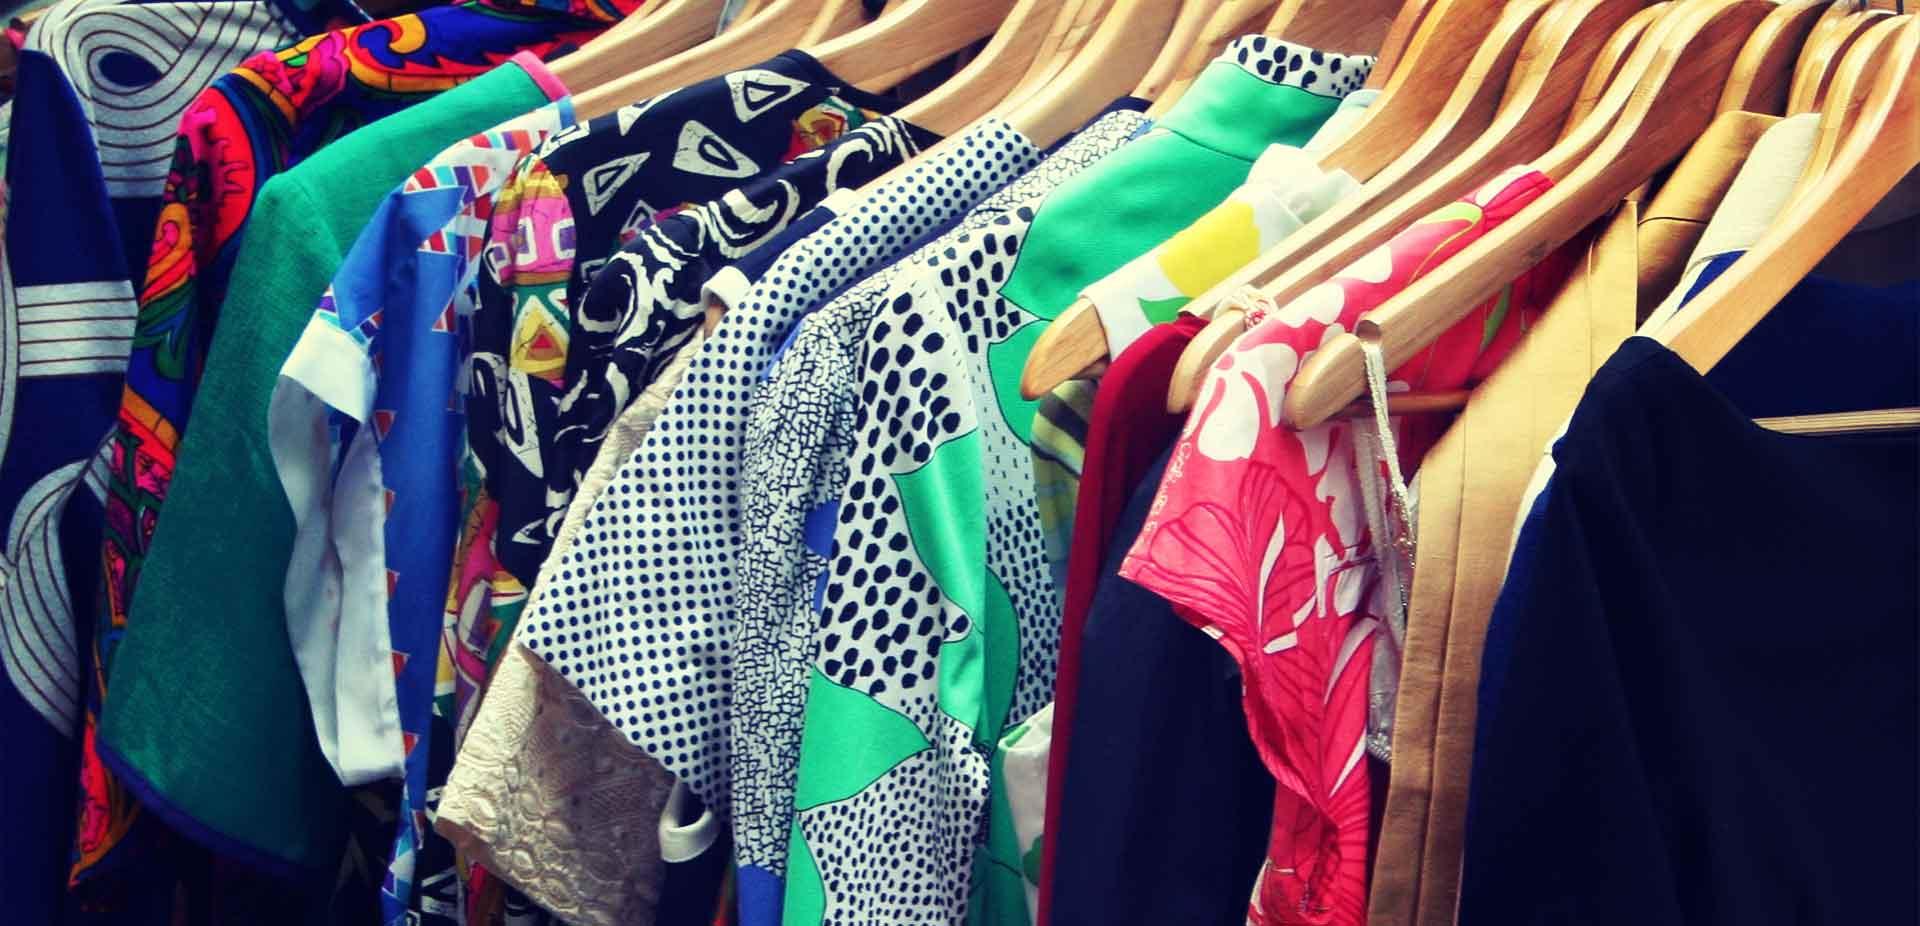 Grafika przestawiająca ubrania wiszące na wieszakach